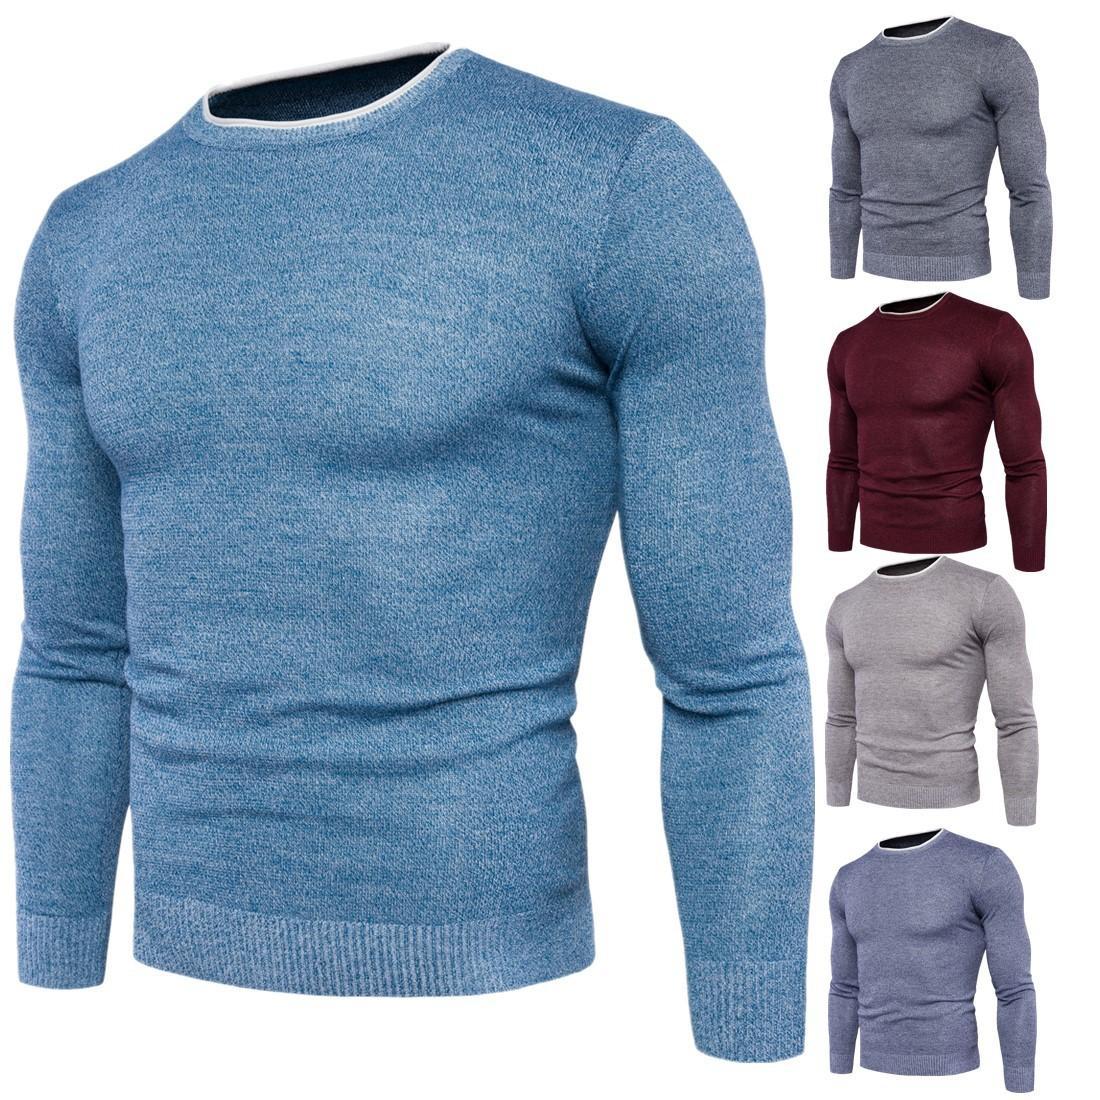 ee5a96c74f3 Winter Knitwear Men Pullover Knitting Fashion Designer Casual Man Knitwear Men  Slim Sweater Solid Warm Multi-color Homme Knitwears T170754 Plus Size Men s  ...